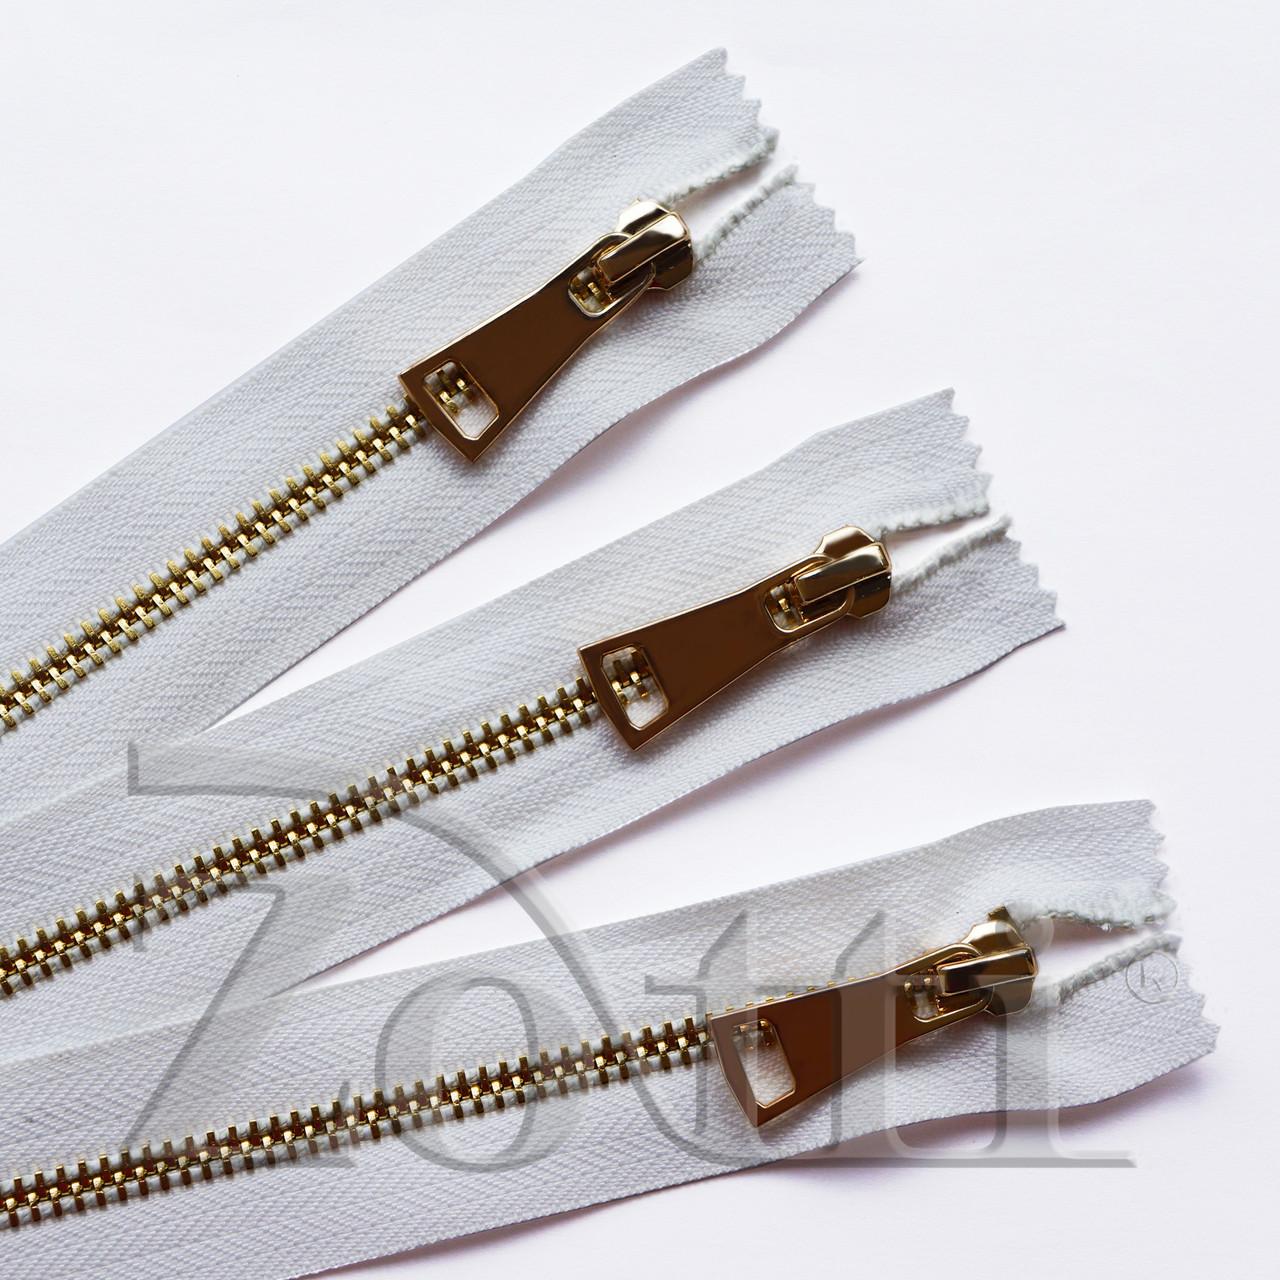 Молния (змейка,застежка) металлическая №5, размерная, обувная, белая, с золотым бегунком № 115 - 16 см